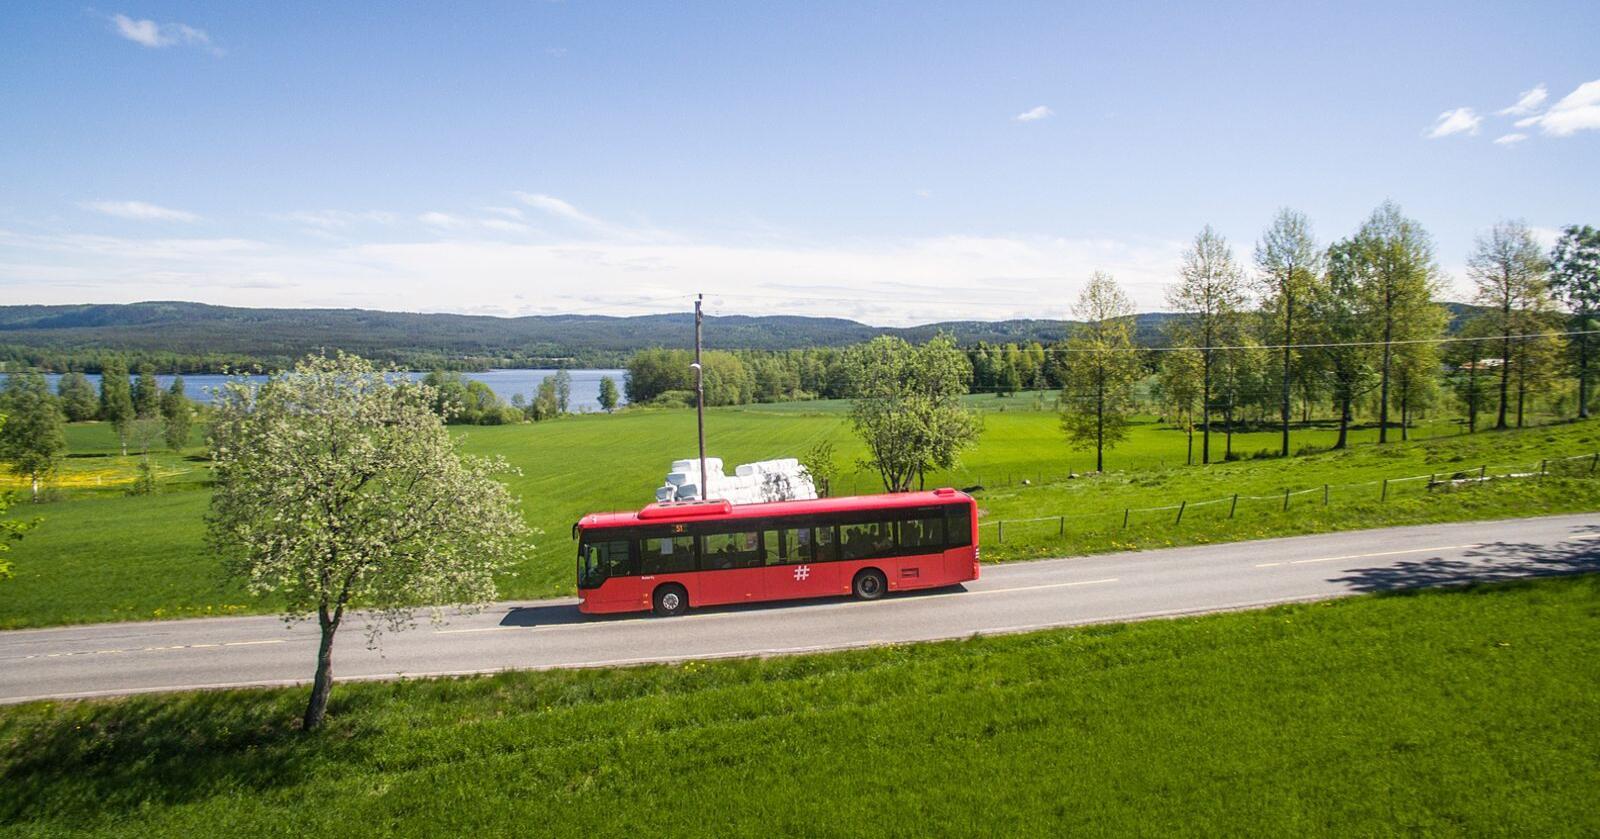 """Stort behov: Bussrute etter bussrute i distriktet er lagt ned med begrunnelsen """"ulønnsom"""". Men hvis markedskreftene skal styre, vil en bygdeungdom neppe noen gang sitte i en buss igjen. Foto: Thomas Brun / NTB"""